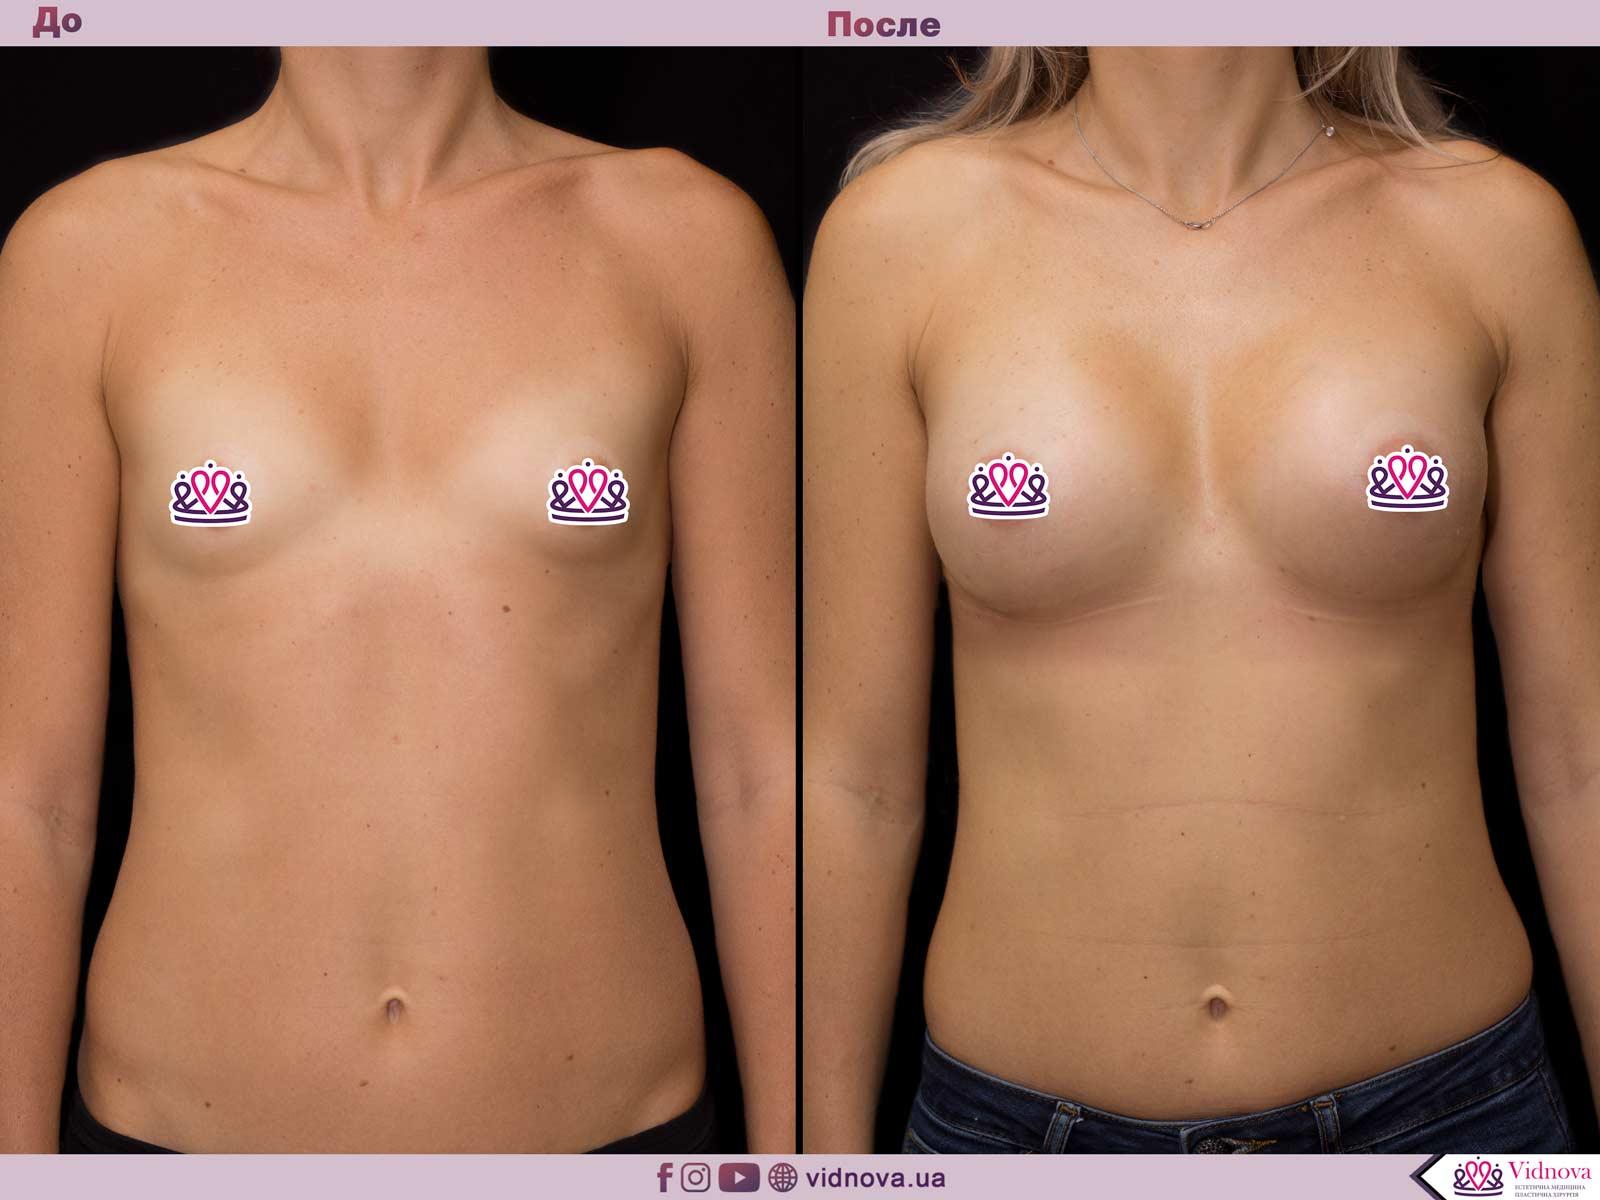 Пластика груди: результаты до и после - Пример №57-0 - Светлана Работенко